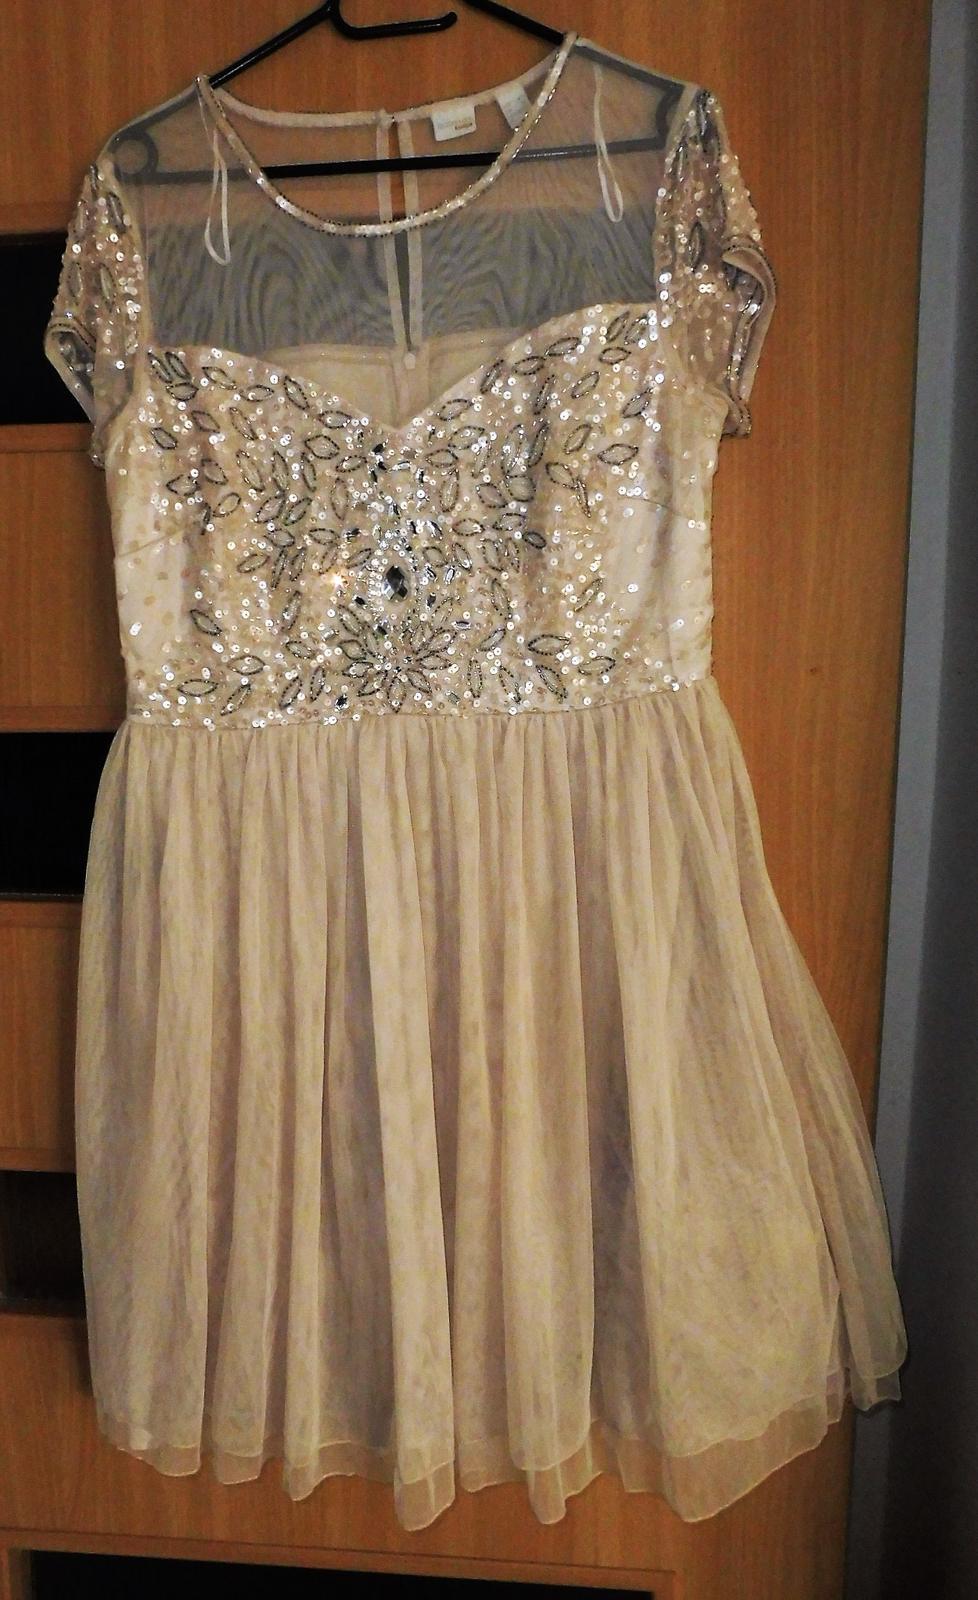 šaty s kamínky vel.40 - Obrázek č. 1